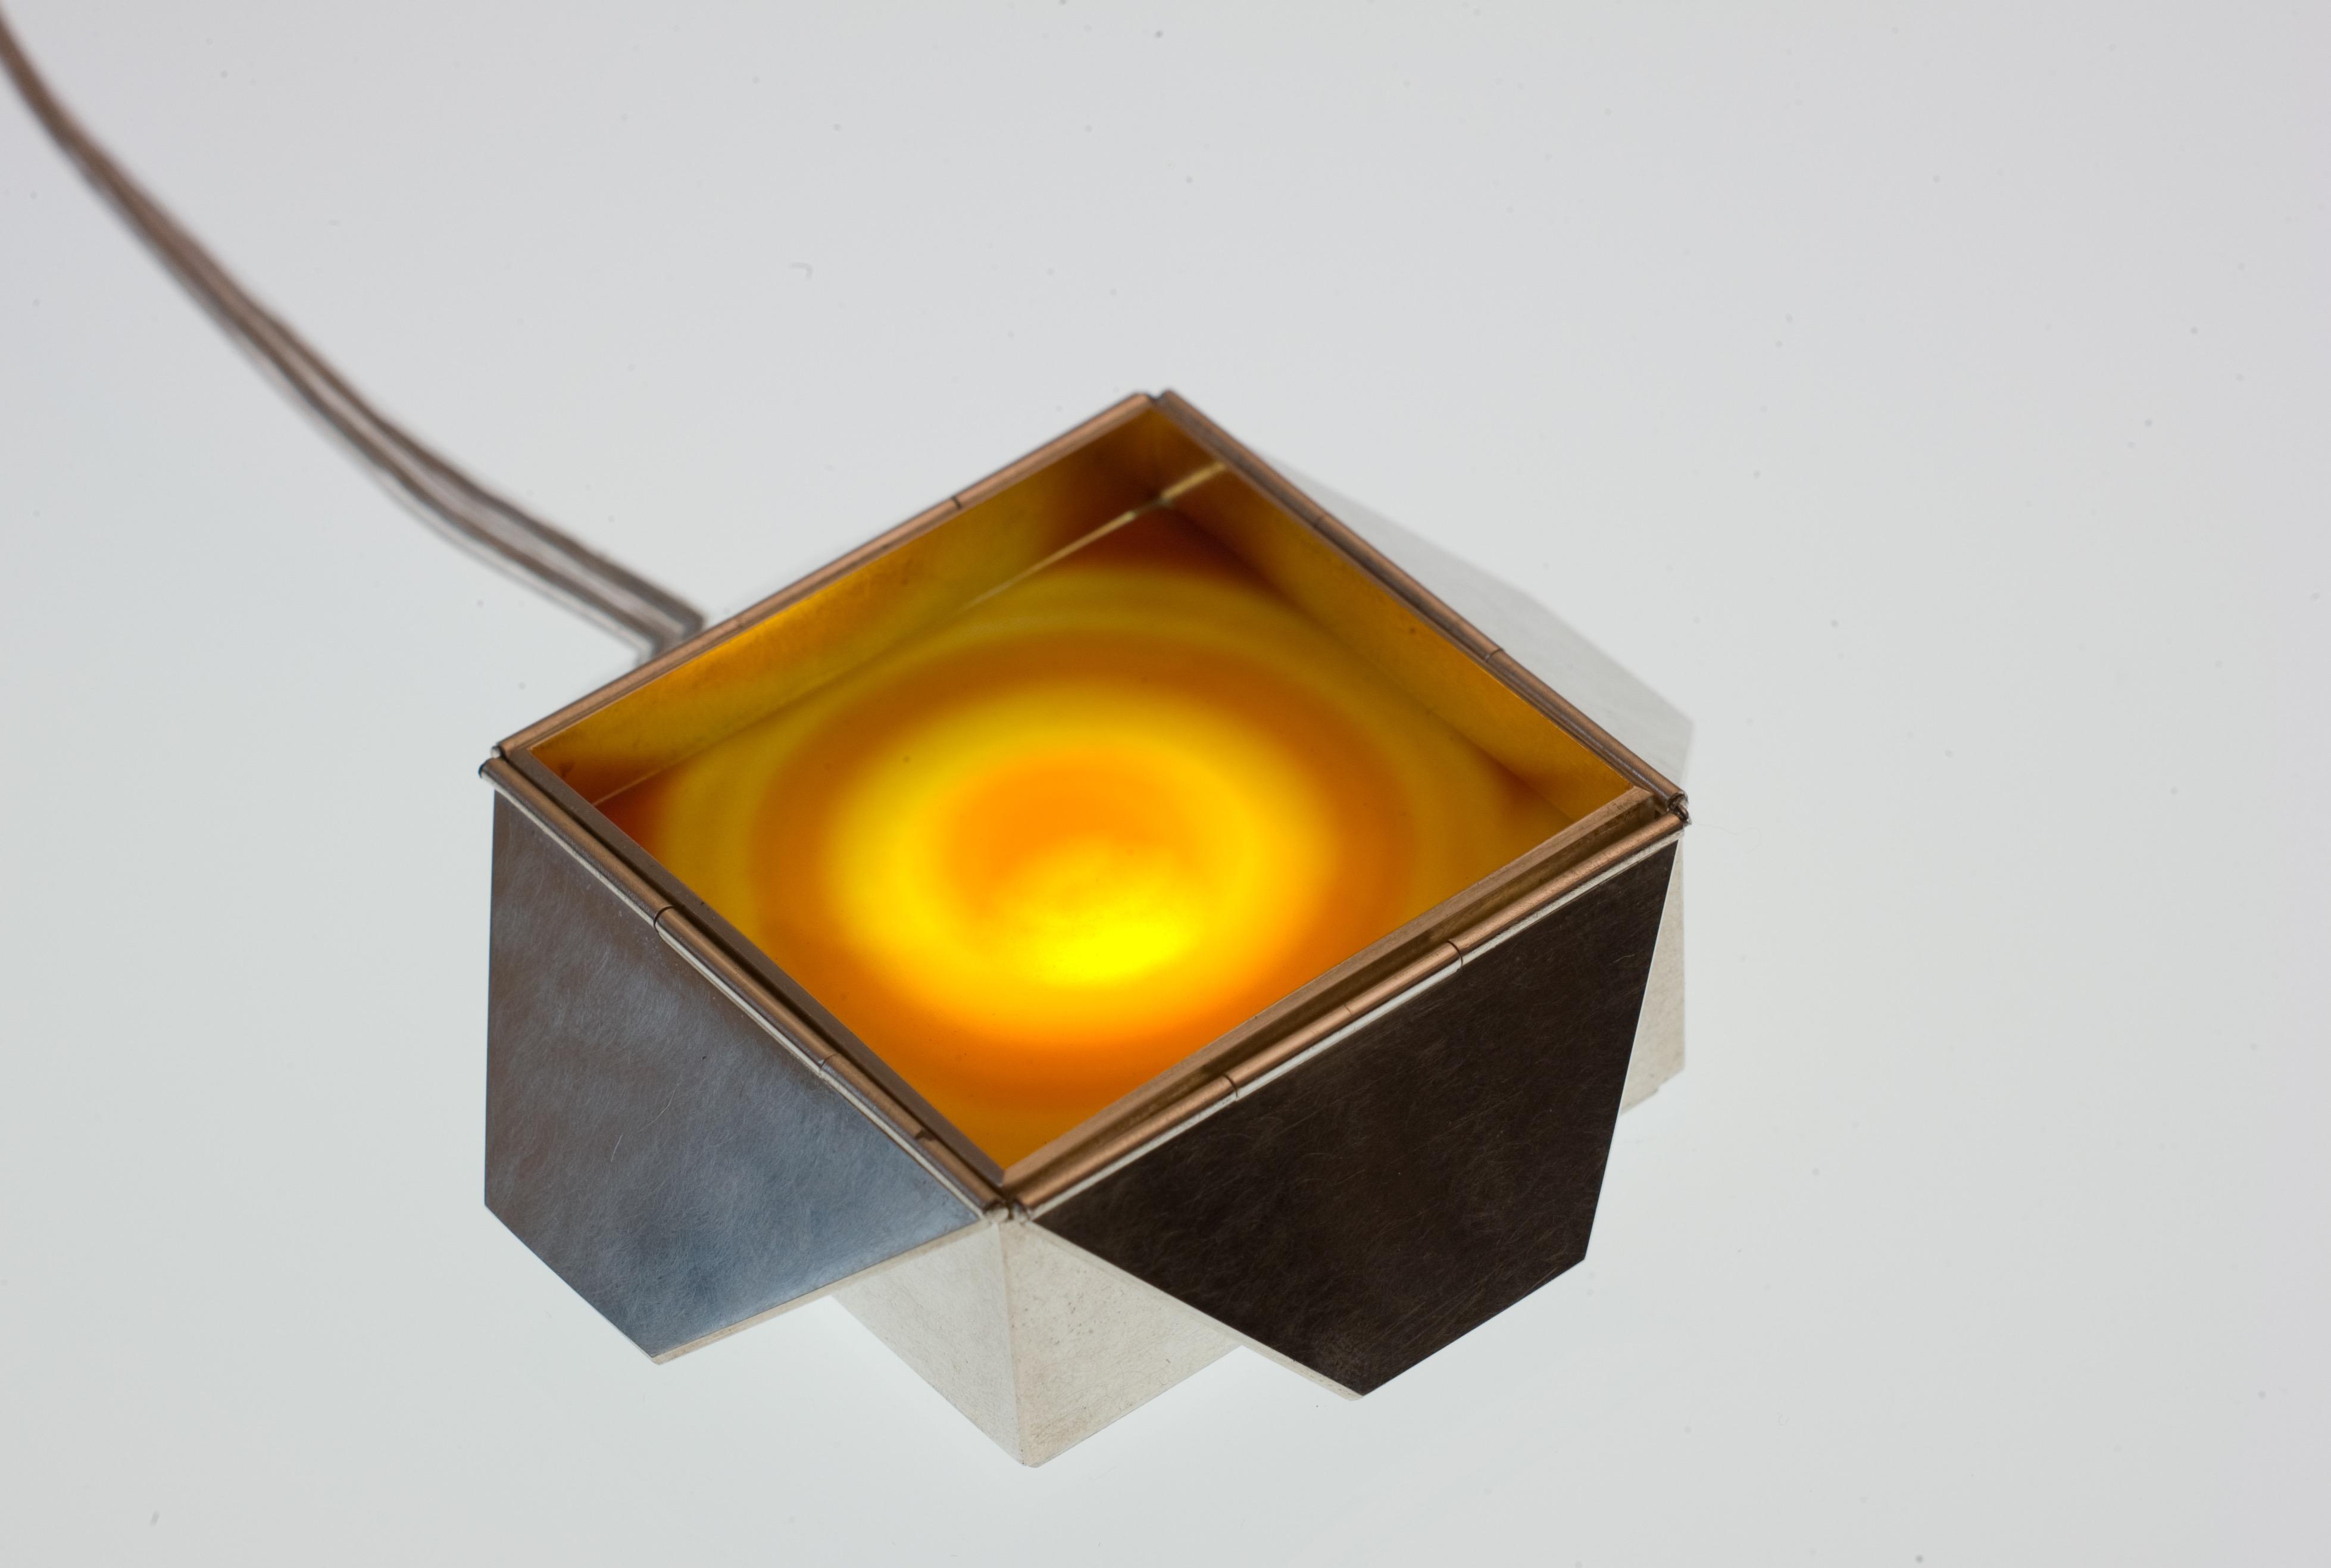 Schmucklicht 'Schachtel', Achatscheibe, Silber 925 geschwärzt, LED – Bild 1